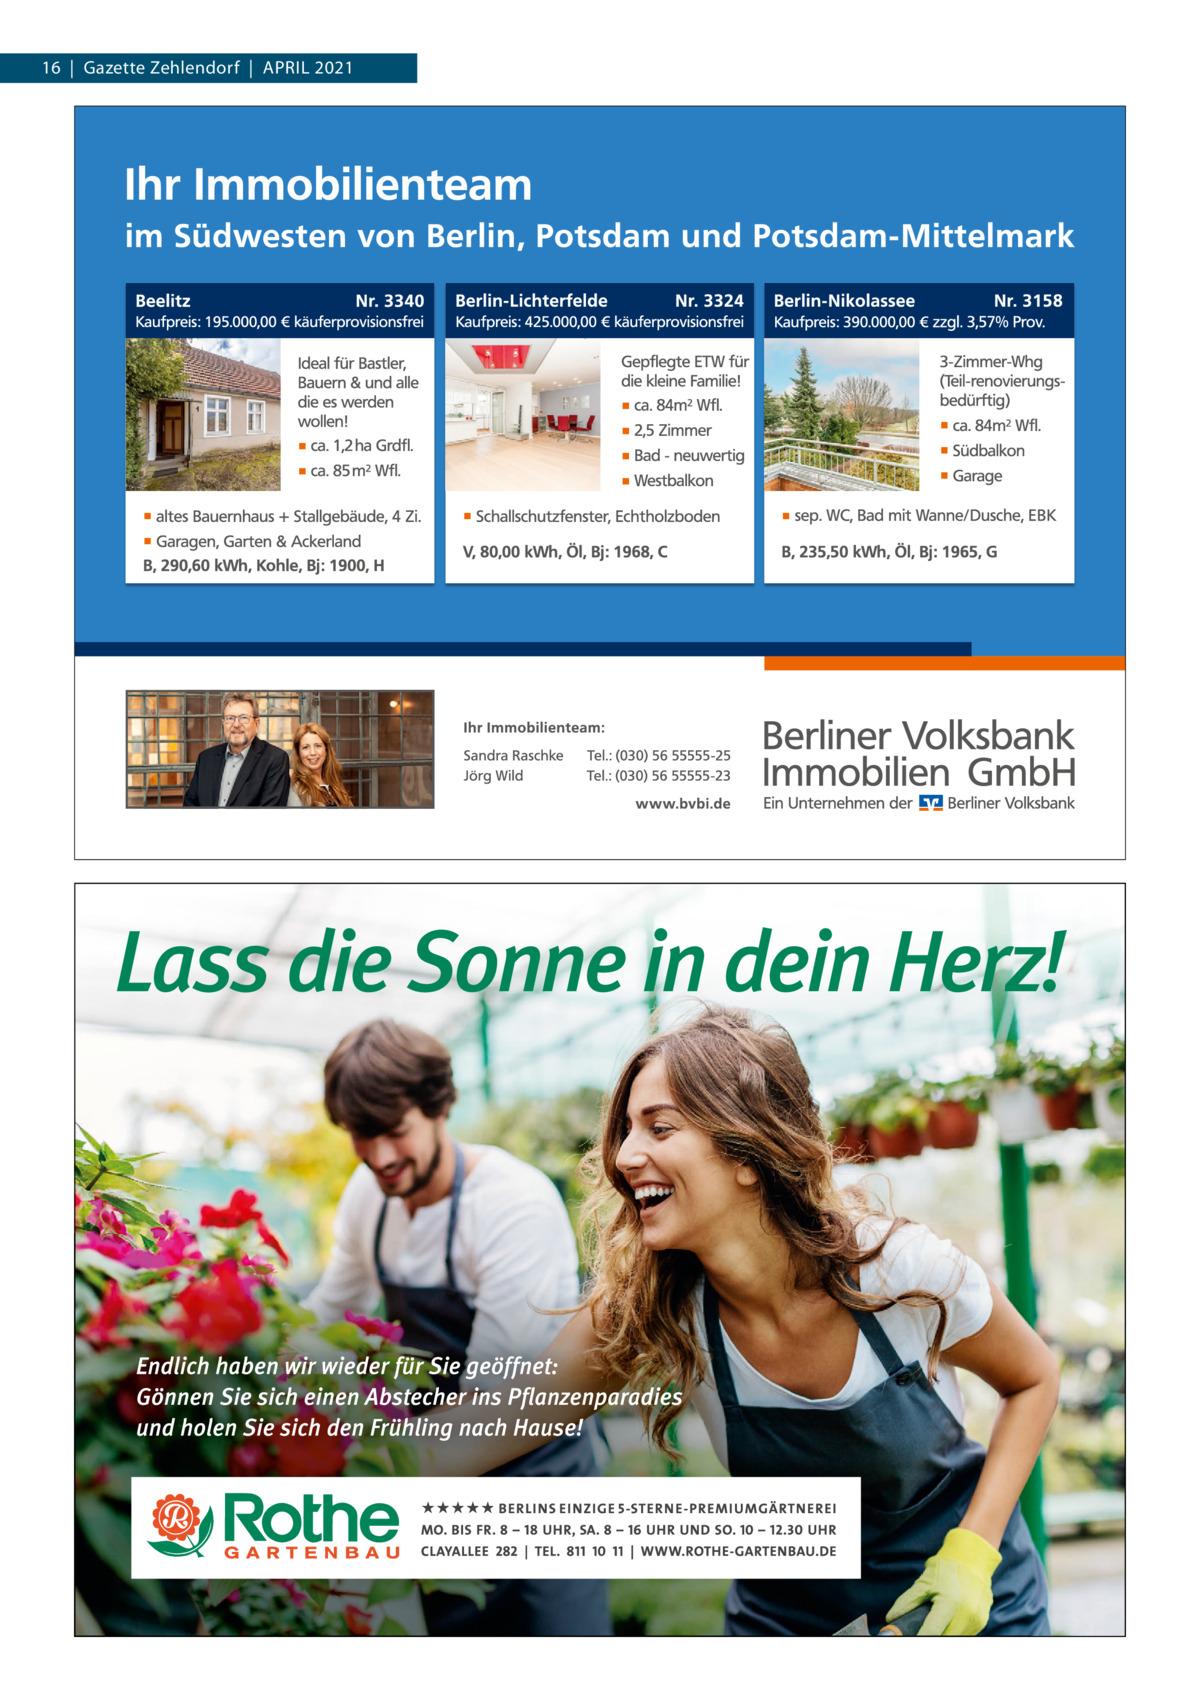 16|Gazette Zehlendorf|APRIL 2021